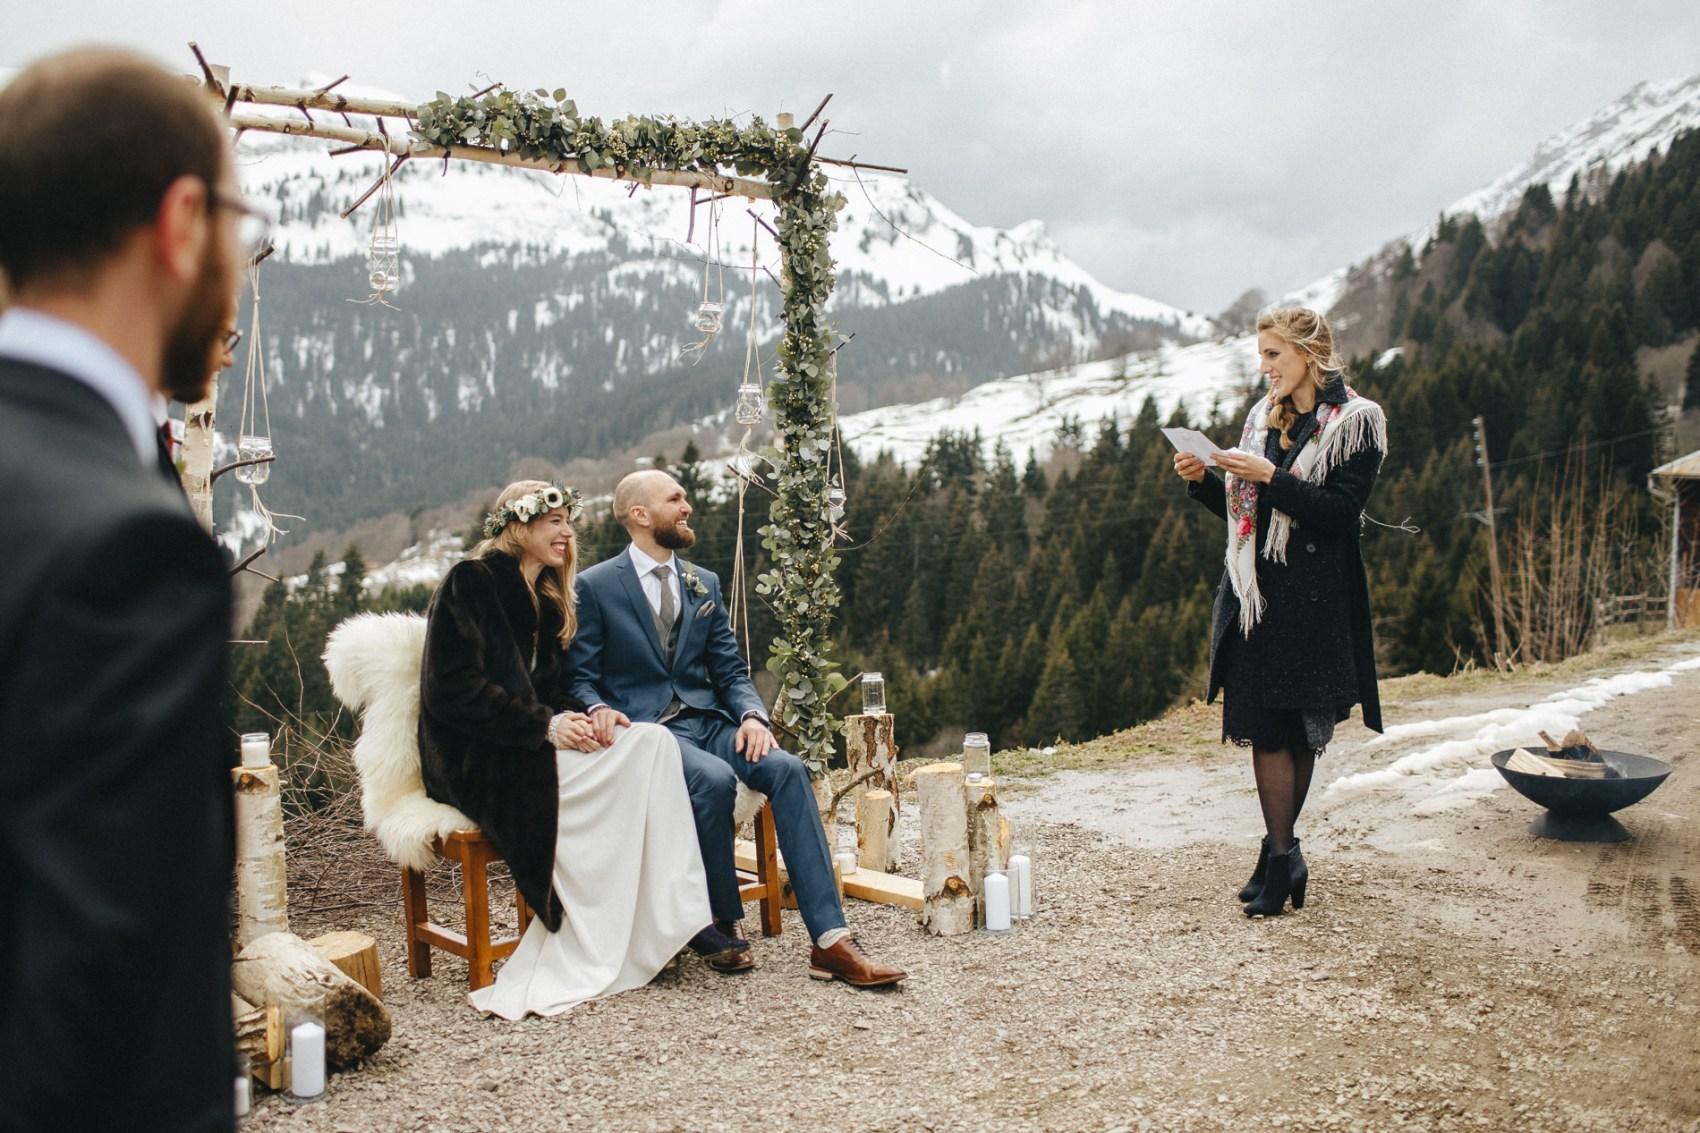 mariage-montagne-le-gite-du-passant-savoie-109.jpg